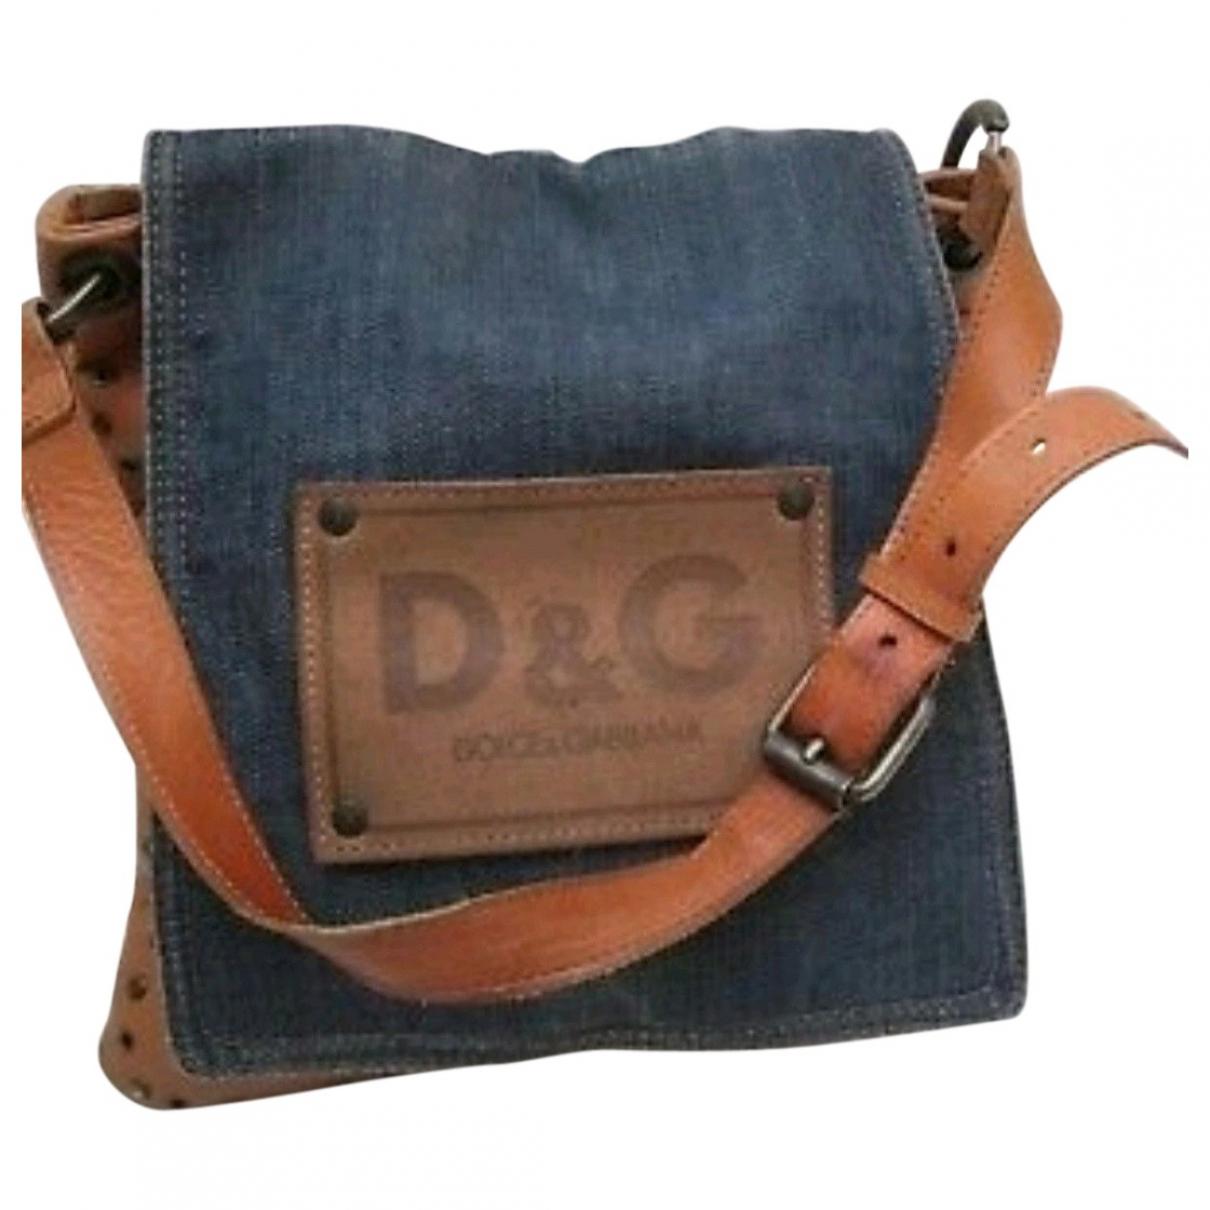 D&g \N Blue Denim - Jeans handbag for Women \N